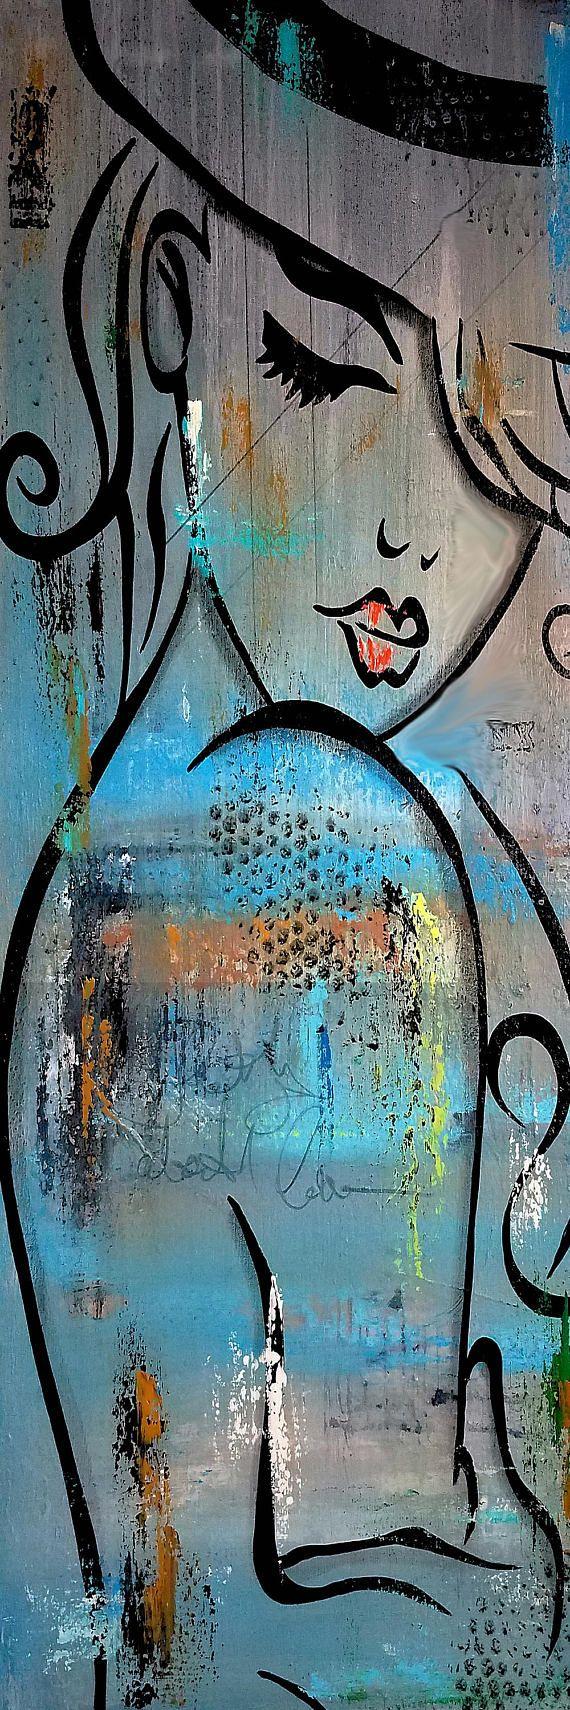 Die besten original abstrakte Kunst, Pop Art, moderne Kunst, Skulptur und moderner Malerei. Große Gemälde mit hellen Farben und kräftigen Linien, die Sie machen Lächeln. Leinwanddrucke sind von hand signiert. Künstler: Thomas C. Fedro Titel: Tiefer Liebe Größe: 16 x 48 x 1 1/4 MEDIUM: